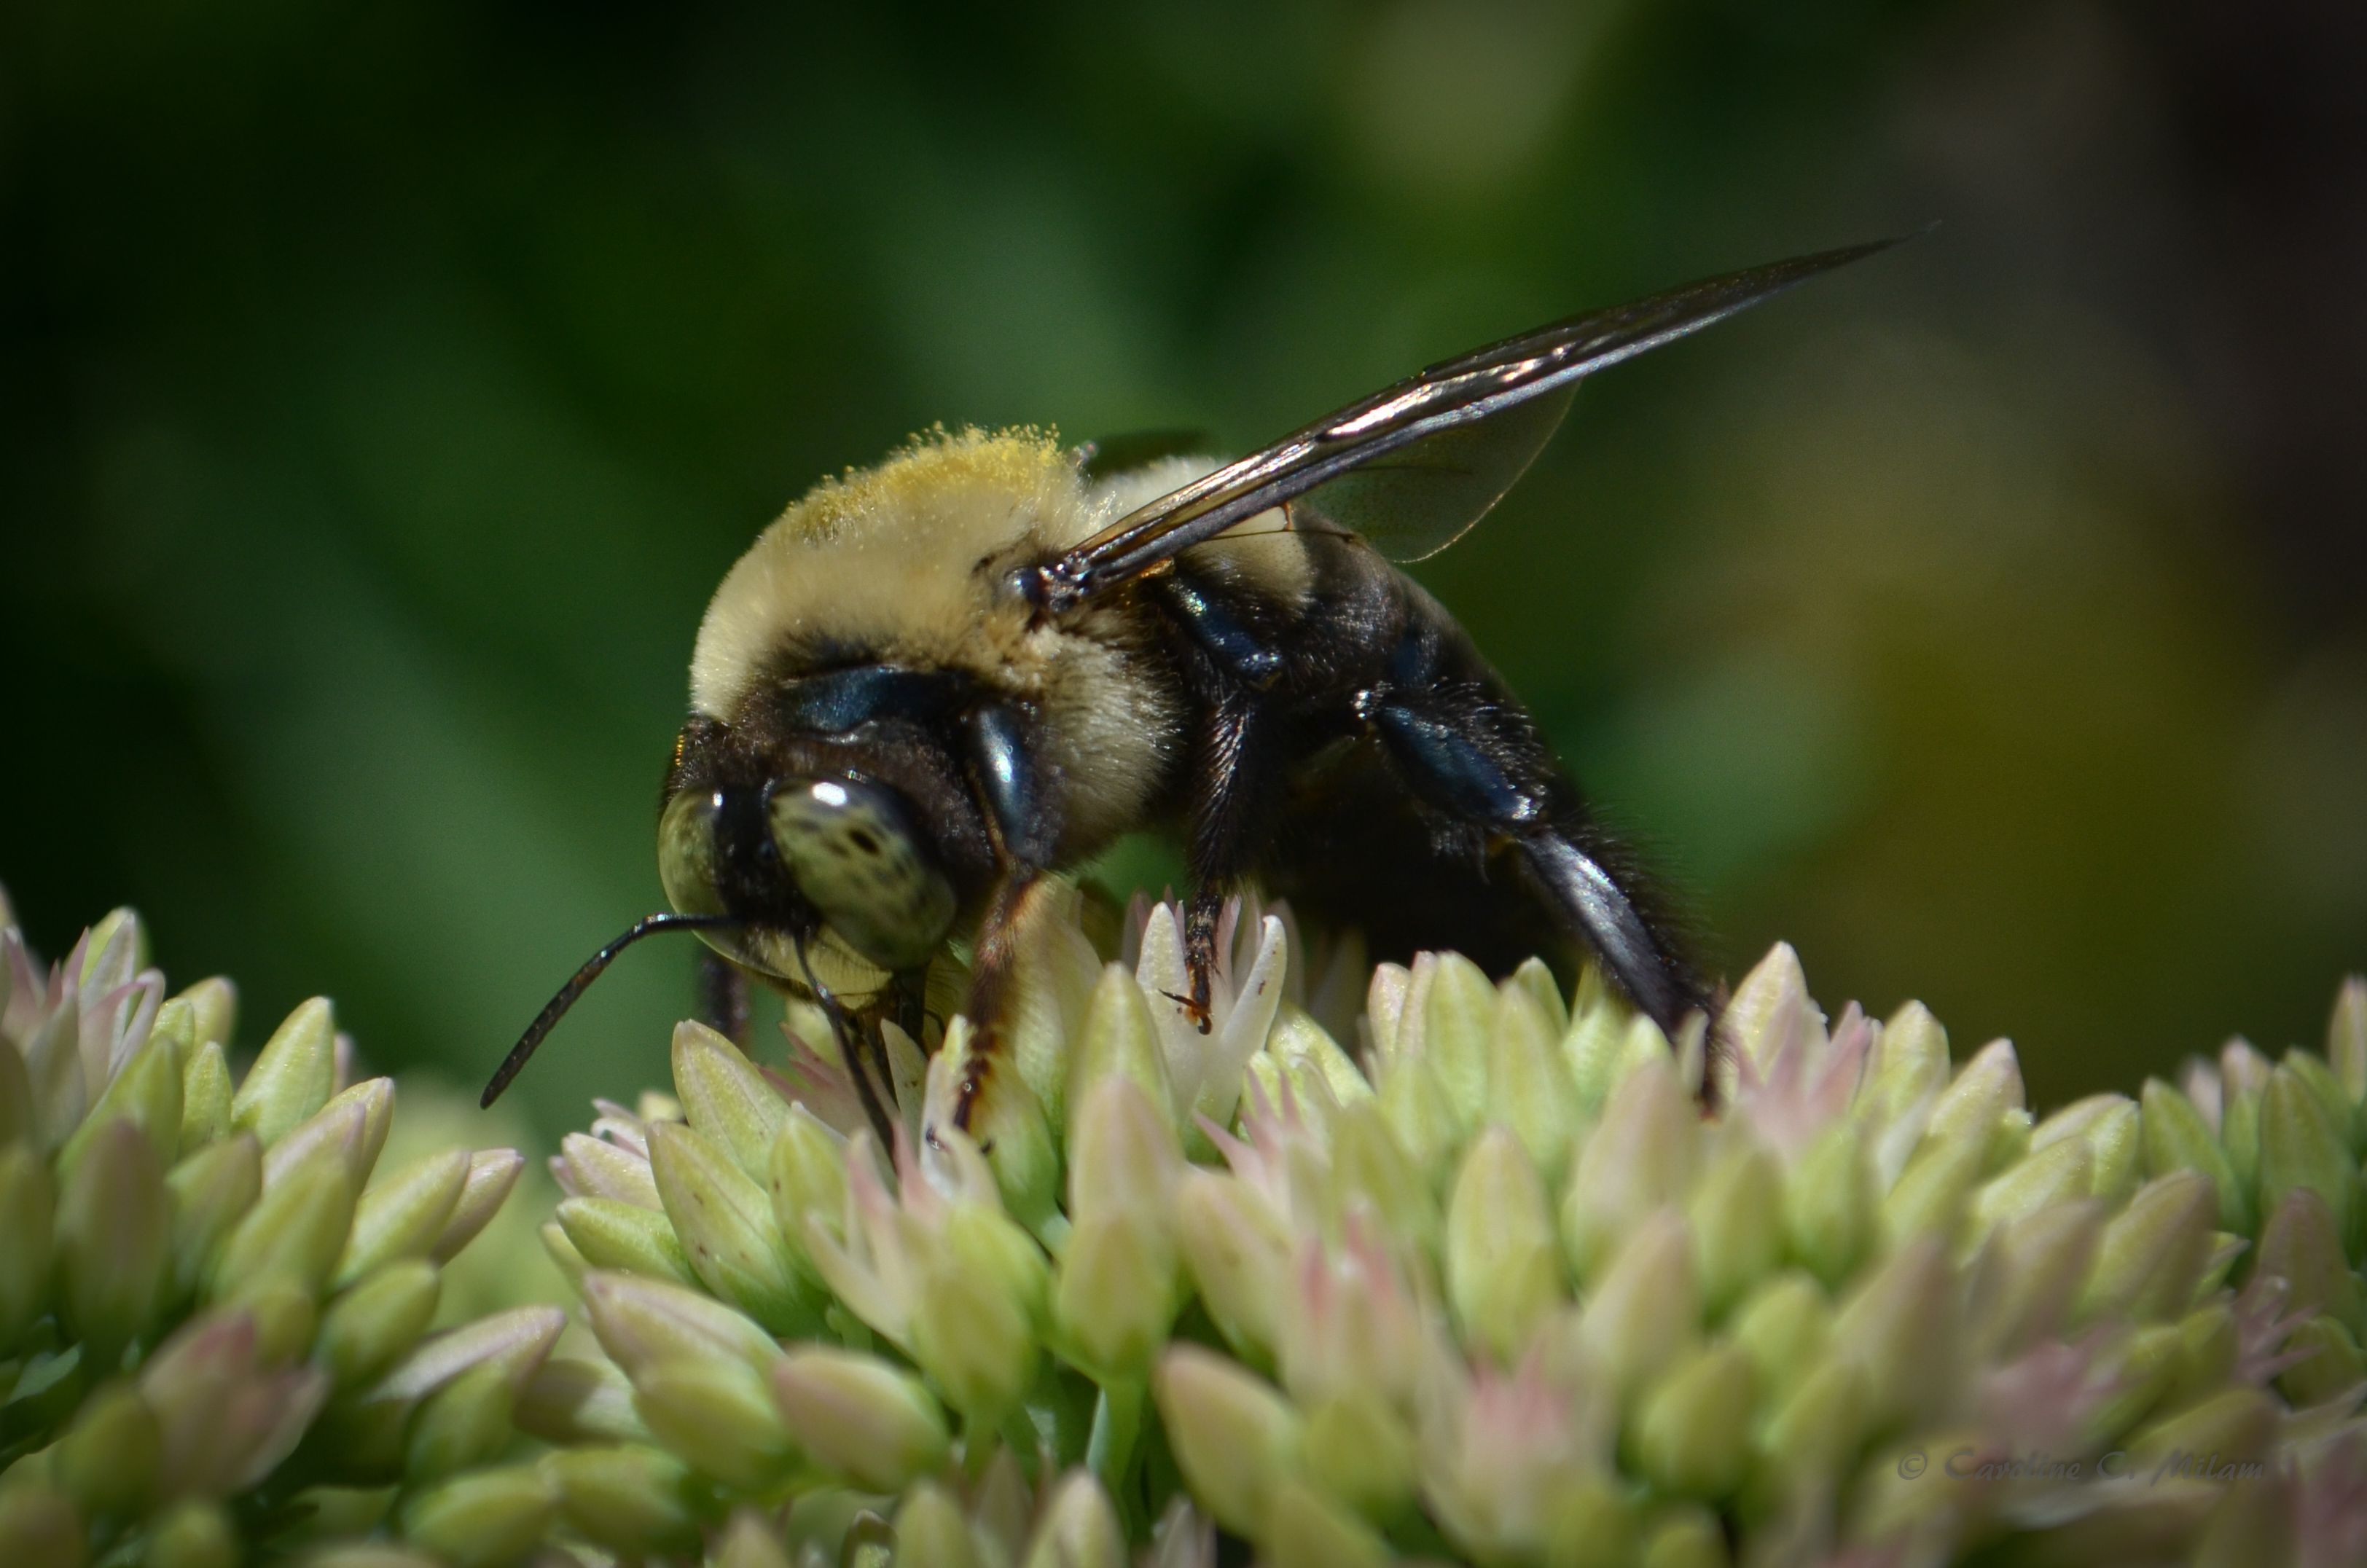 Green Eyed Bumblebee